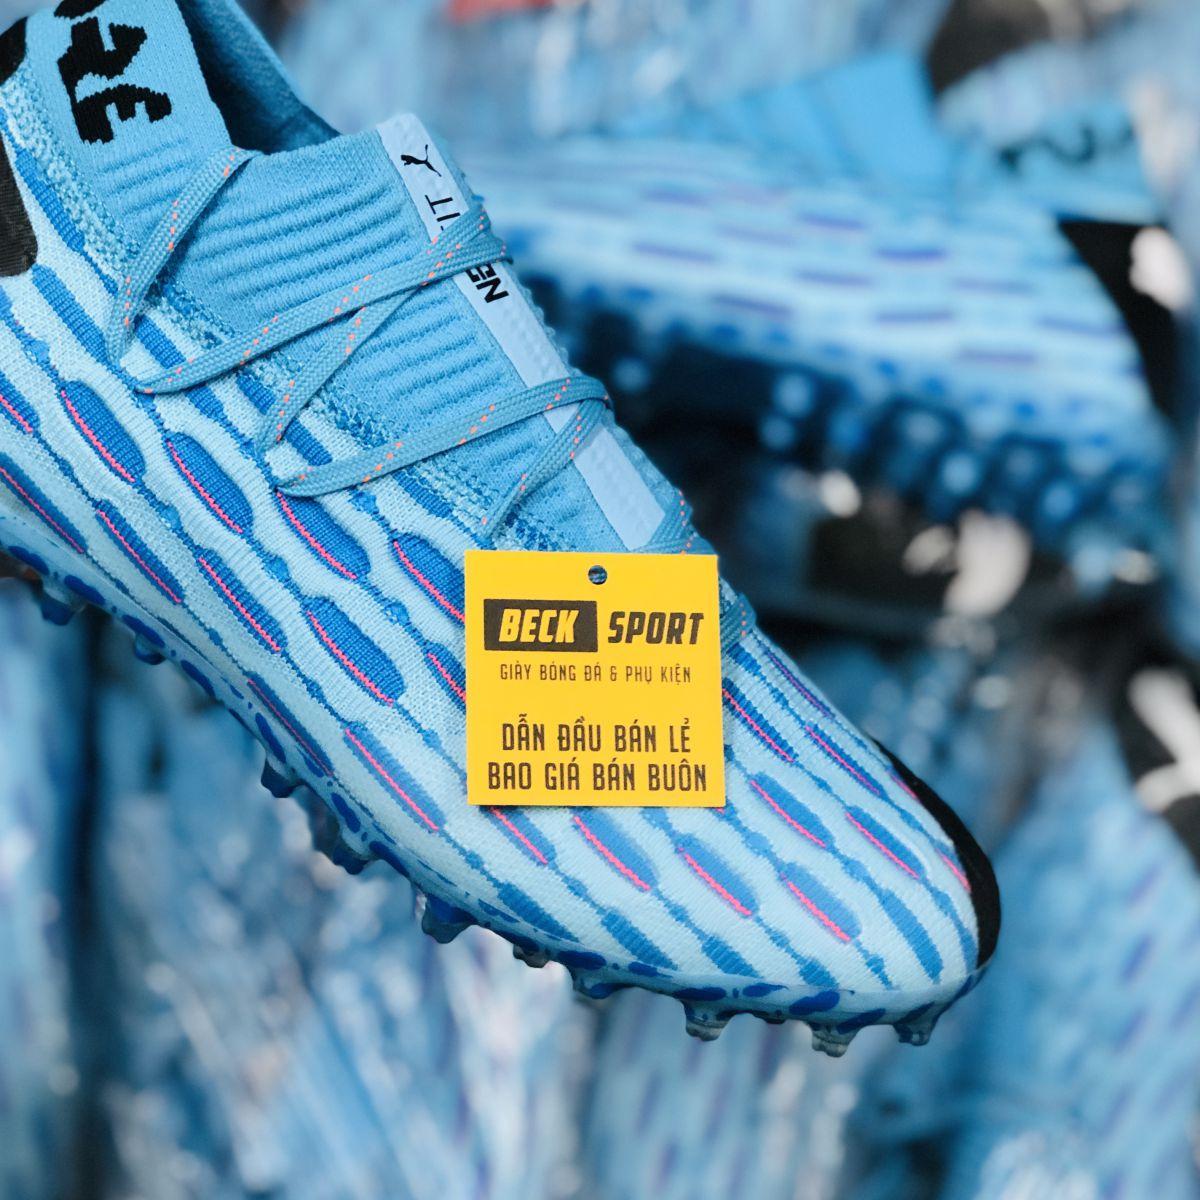 Giày Bóng Đá Puma Future 5.1 Netfit Xanh Biển Gót Đen Cổ Lửng MG